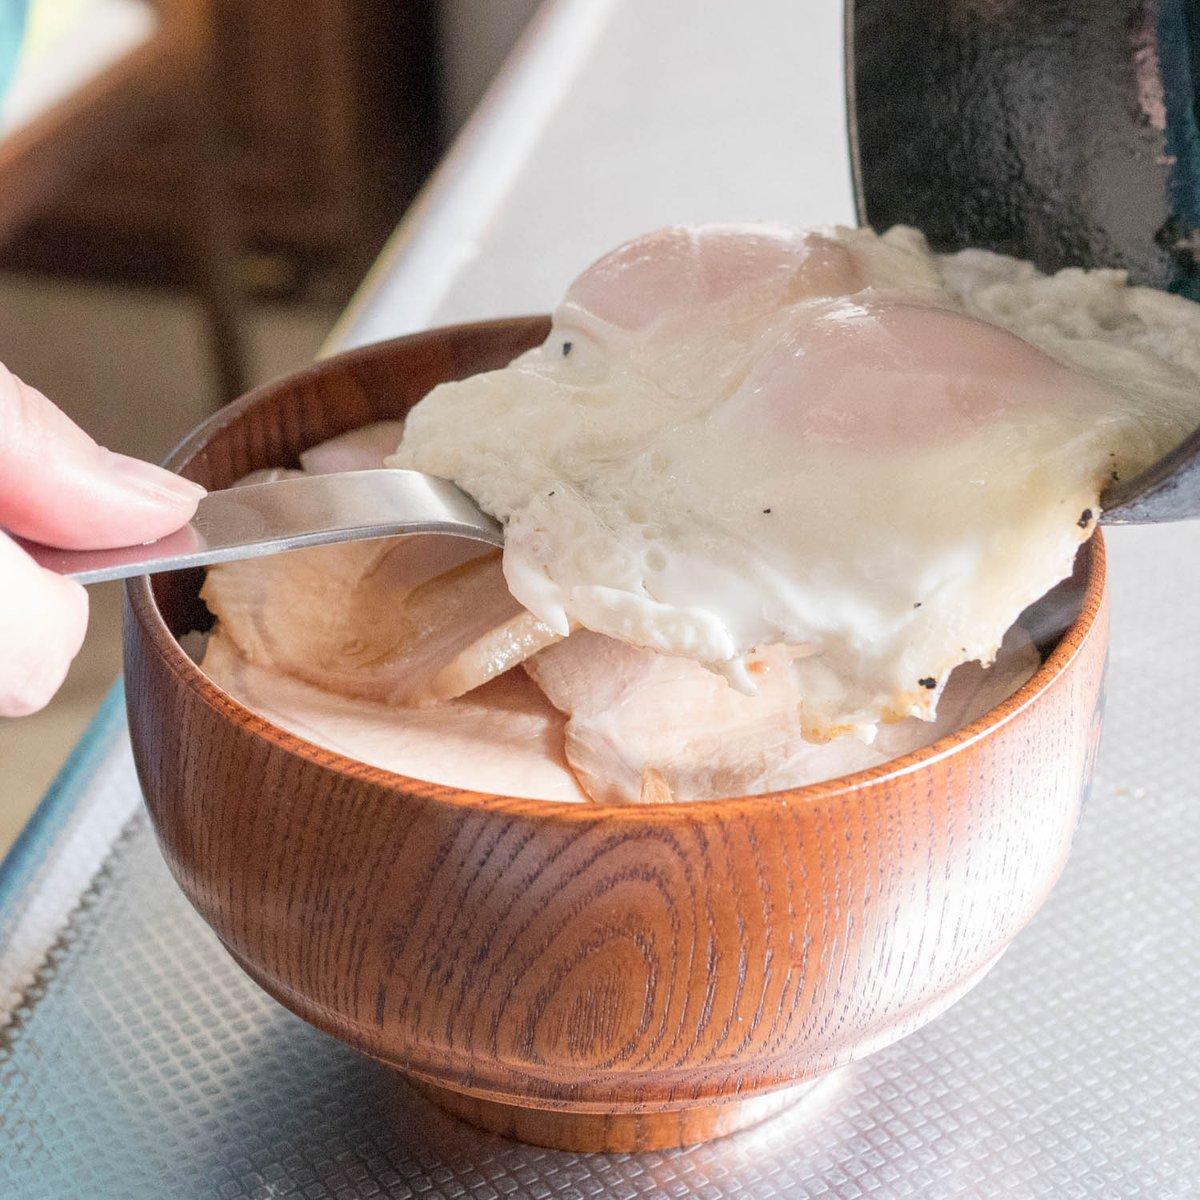 test ツイッターメディア - 当店のチャーシューを使った、愛媛県のB級グルメ「焼豚玉子飯」風の丼レシピをご紹介します。 とろとろの半熟卵と甘辛いタレでご飯が止まらないボリューム満点です。 https://t.co/sfVNNqTSMH https://t.co/N0VwlQjYlq